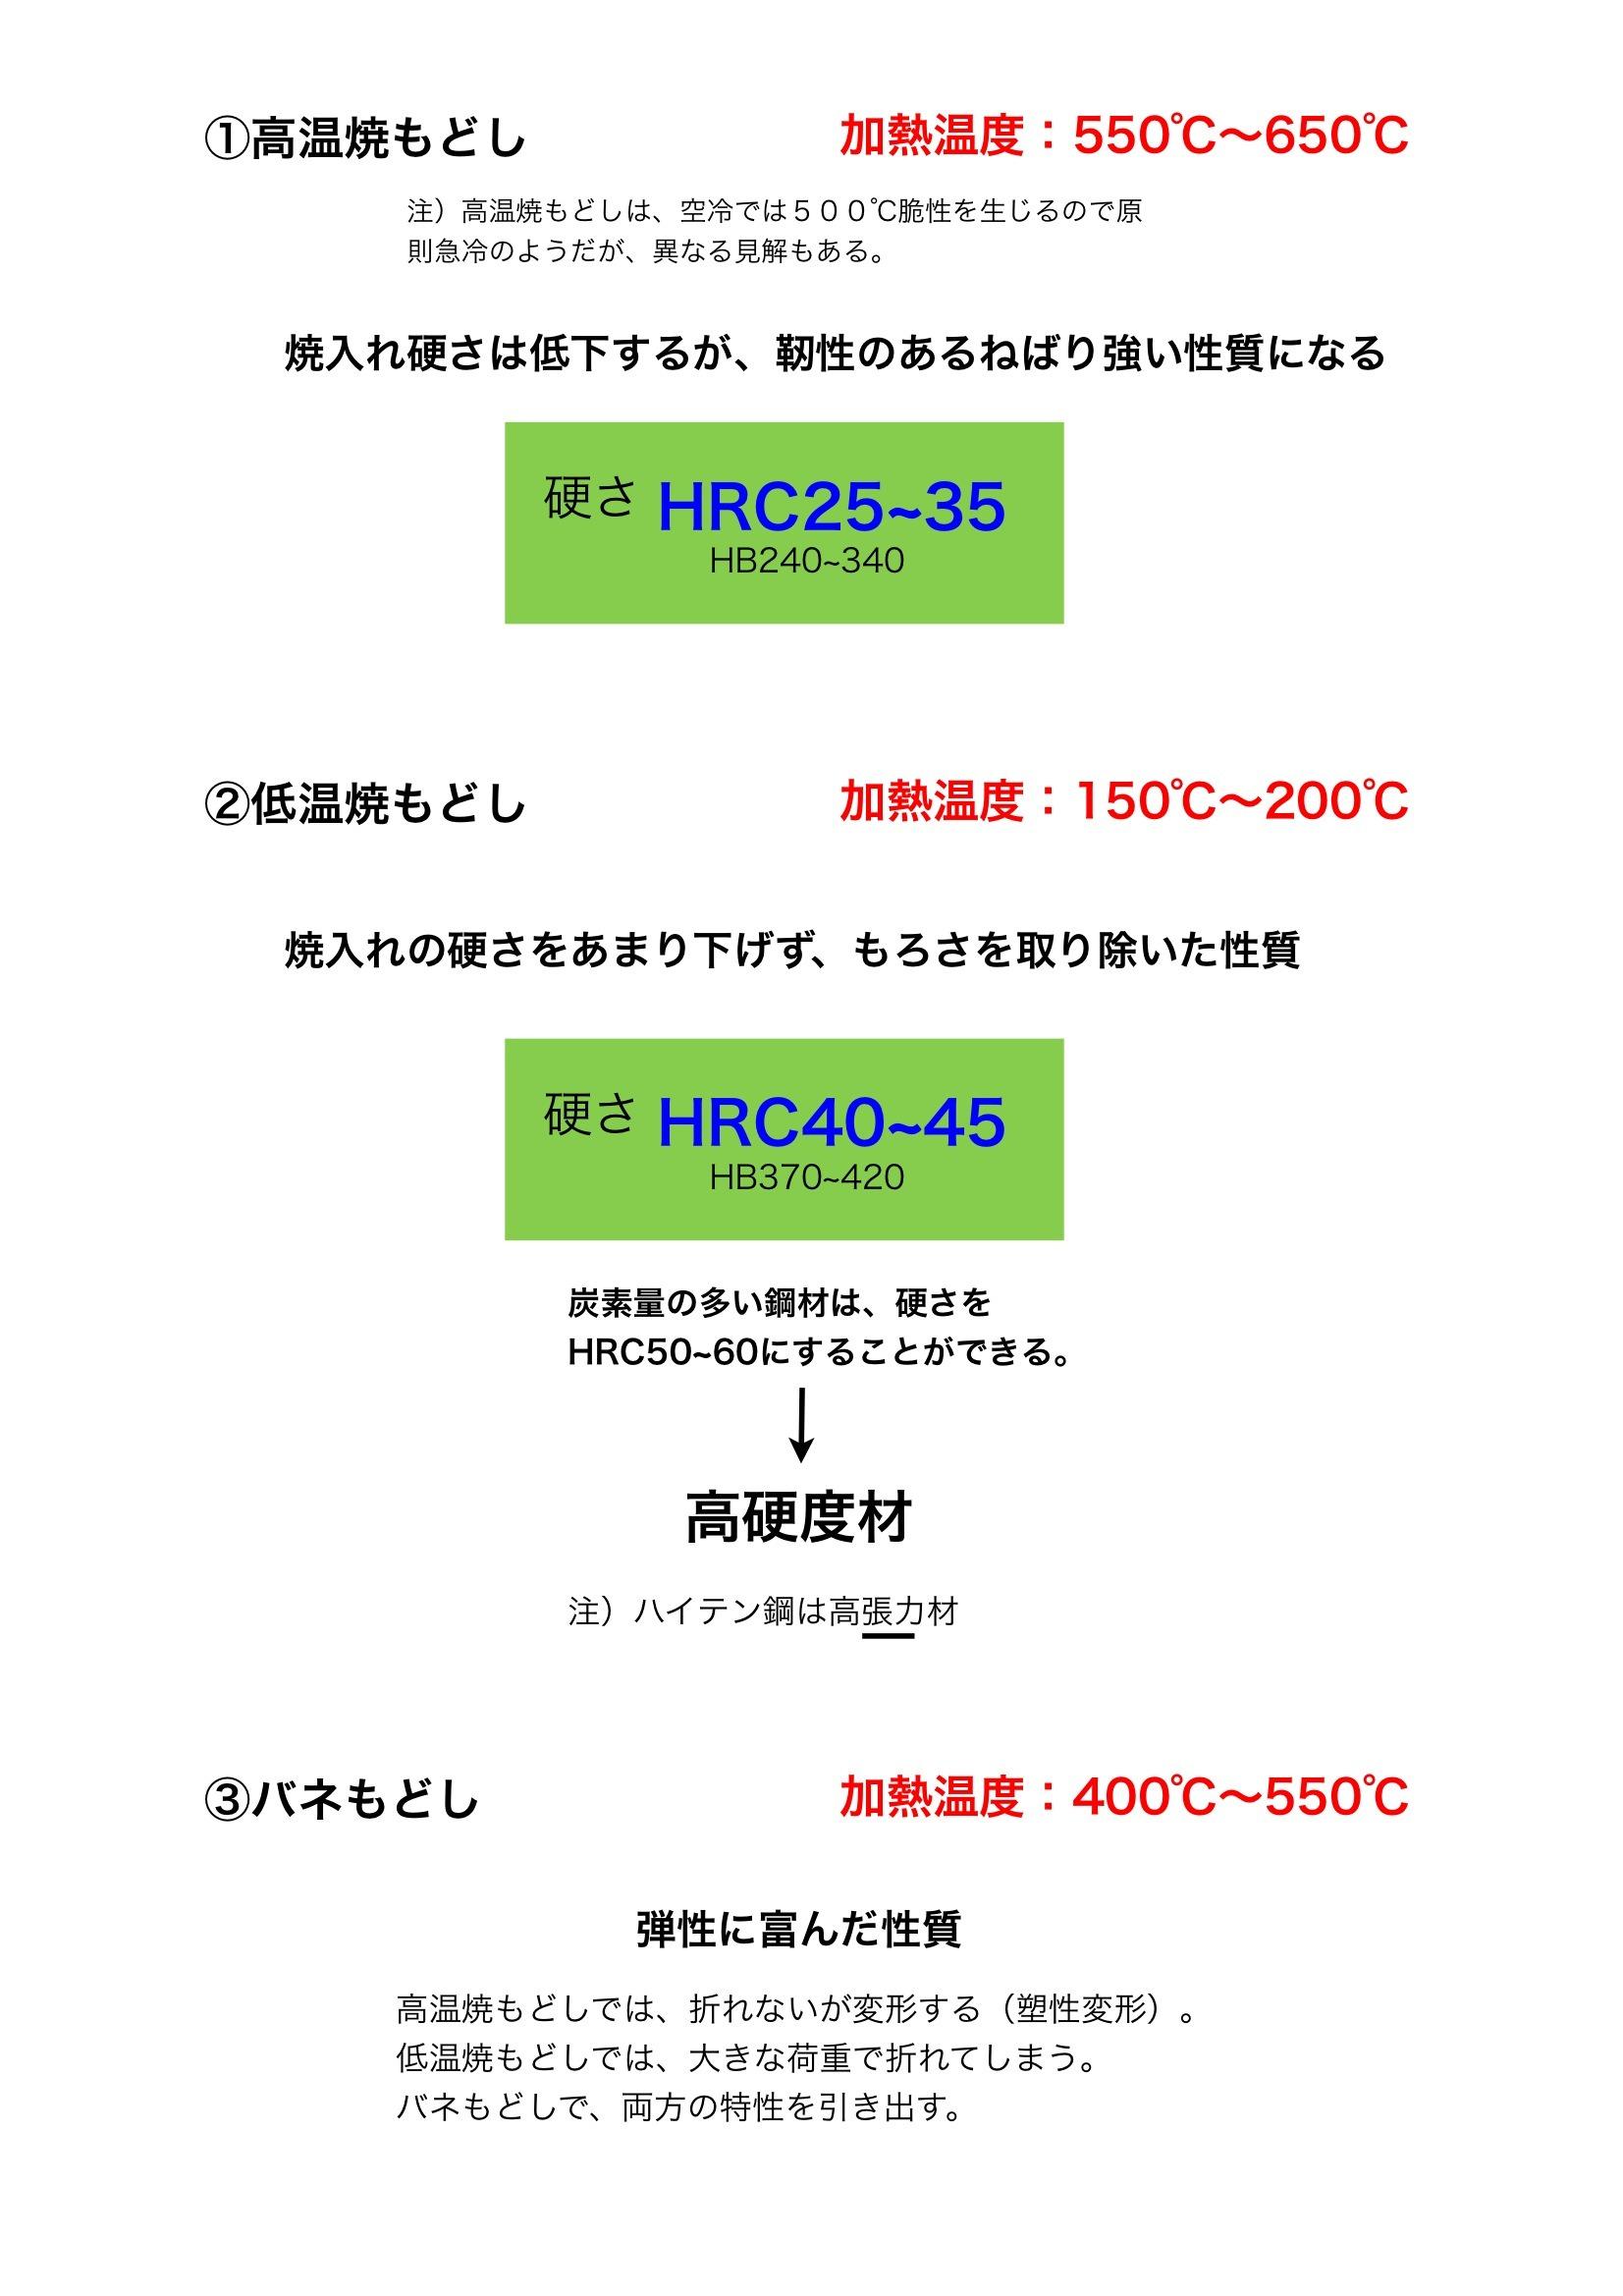 【鉄】熱処理の概要_e0159646_5535199.jpg